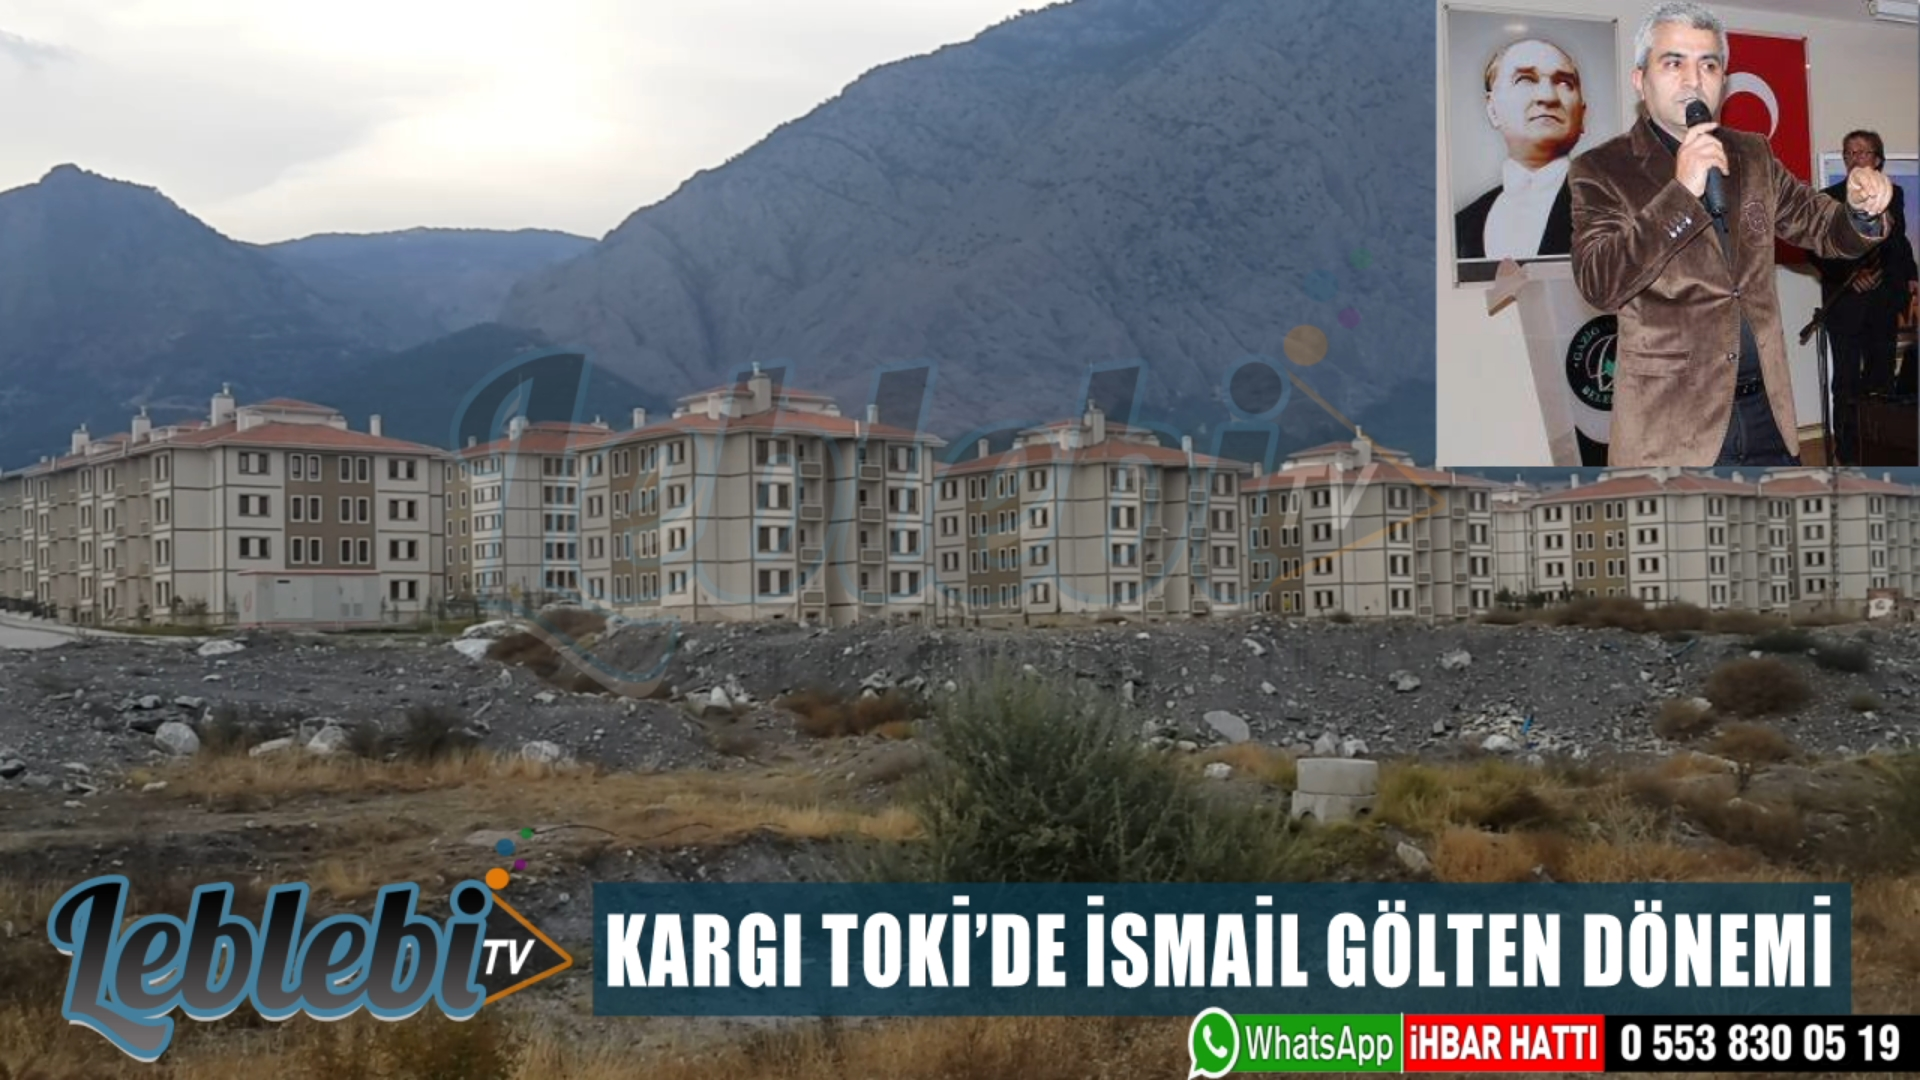 KARGI TOKİ'DE İSMAİL GÖLTEN DÖNEMİ